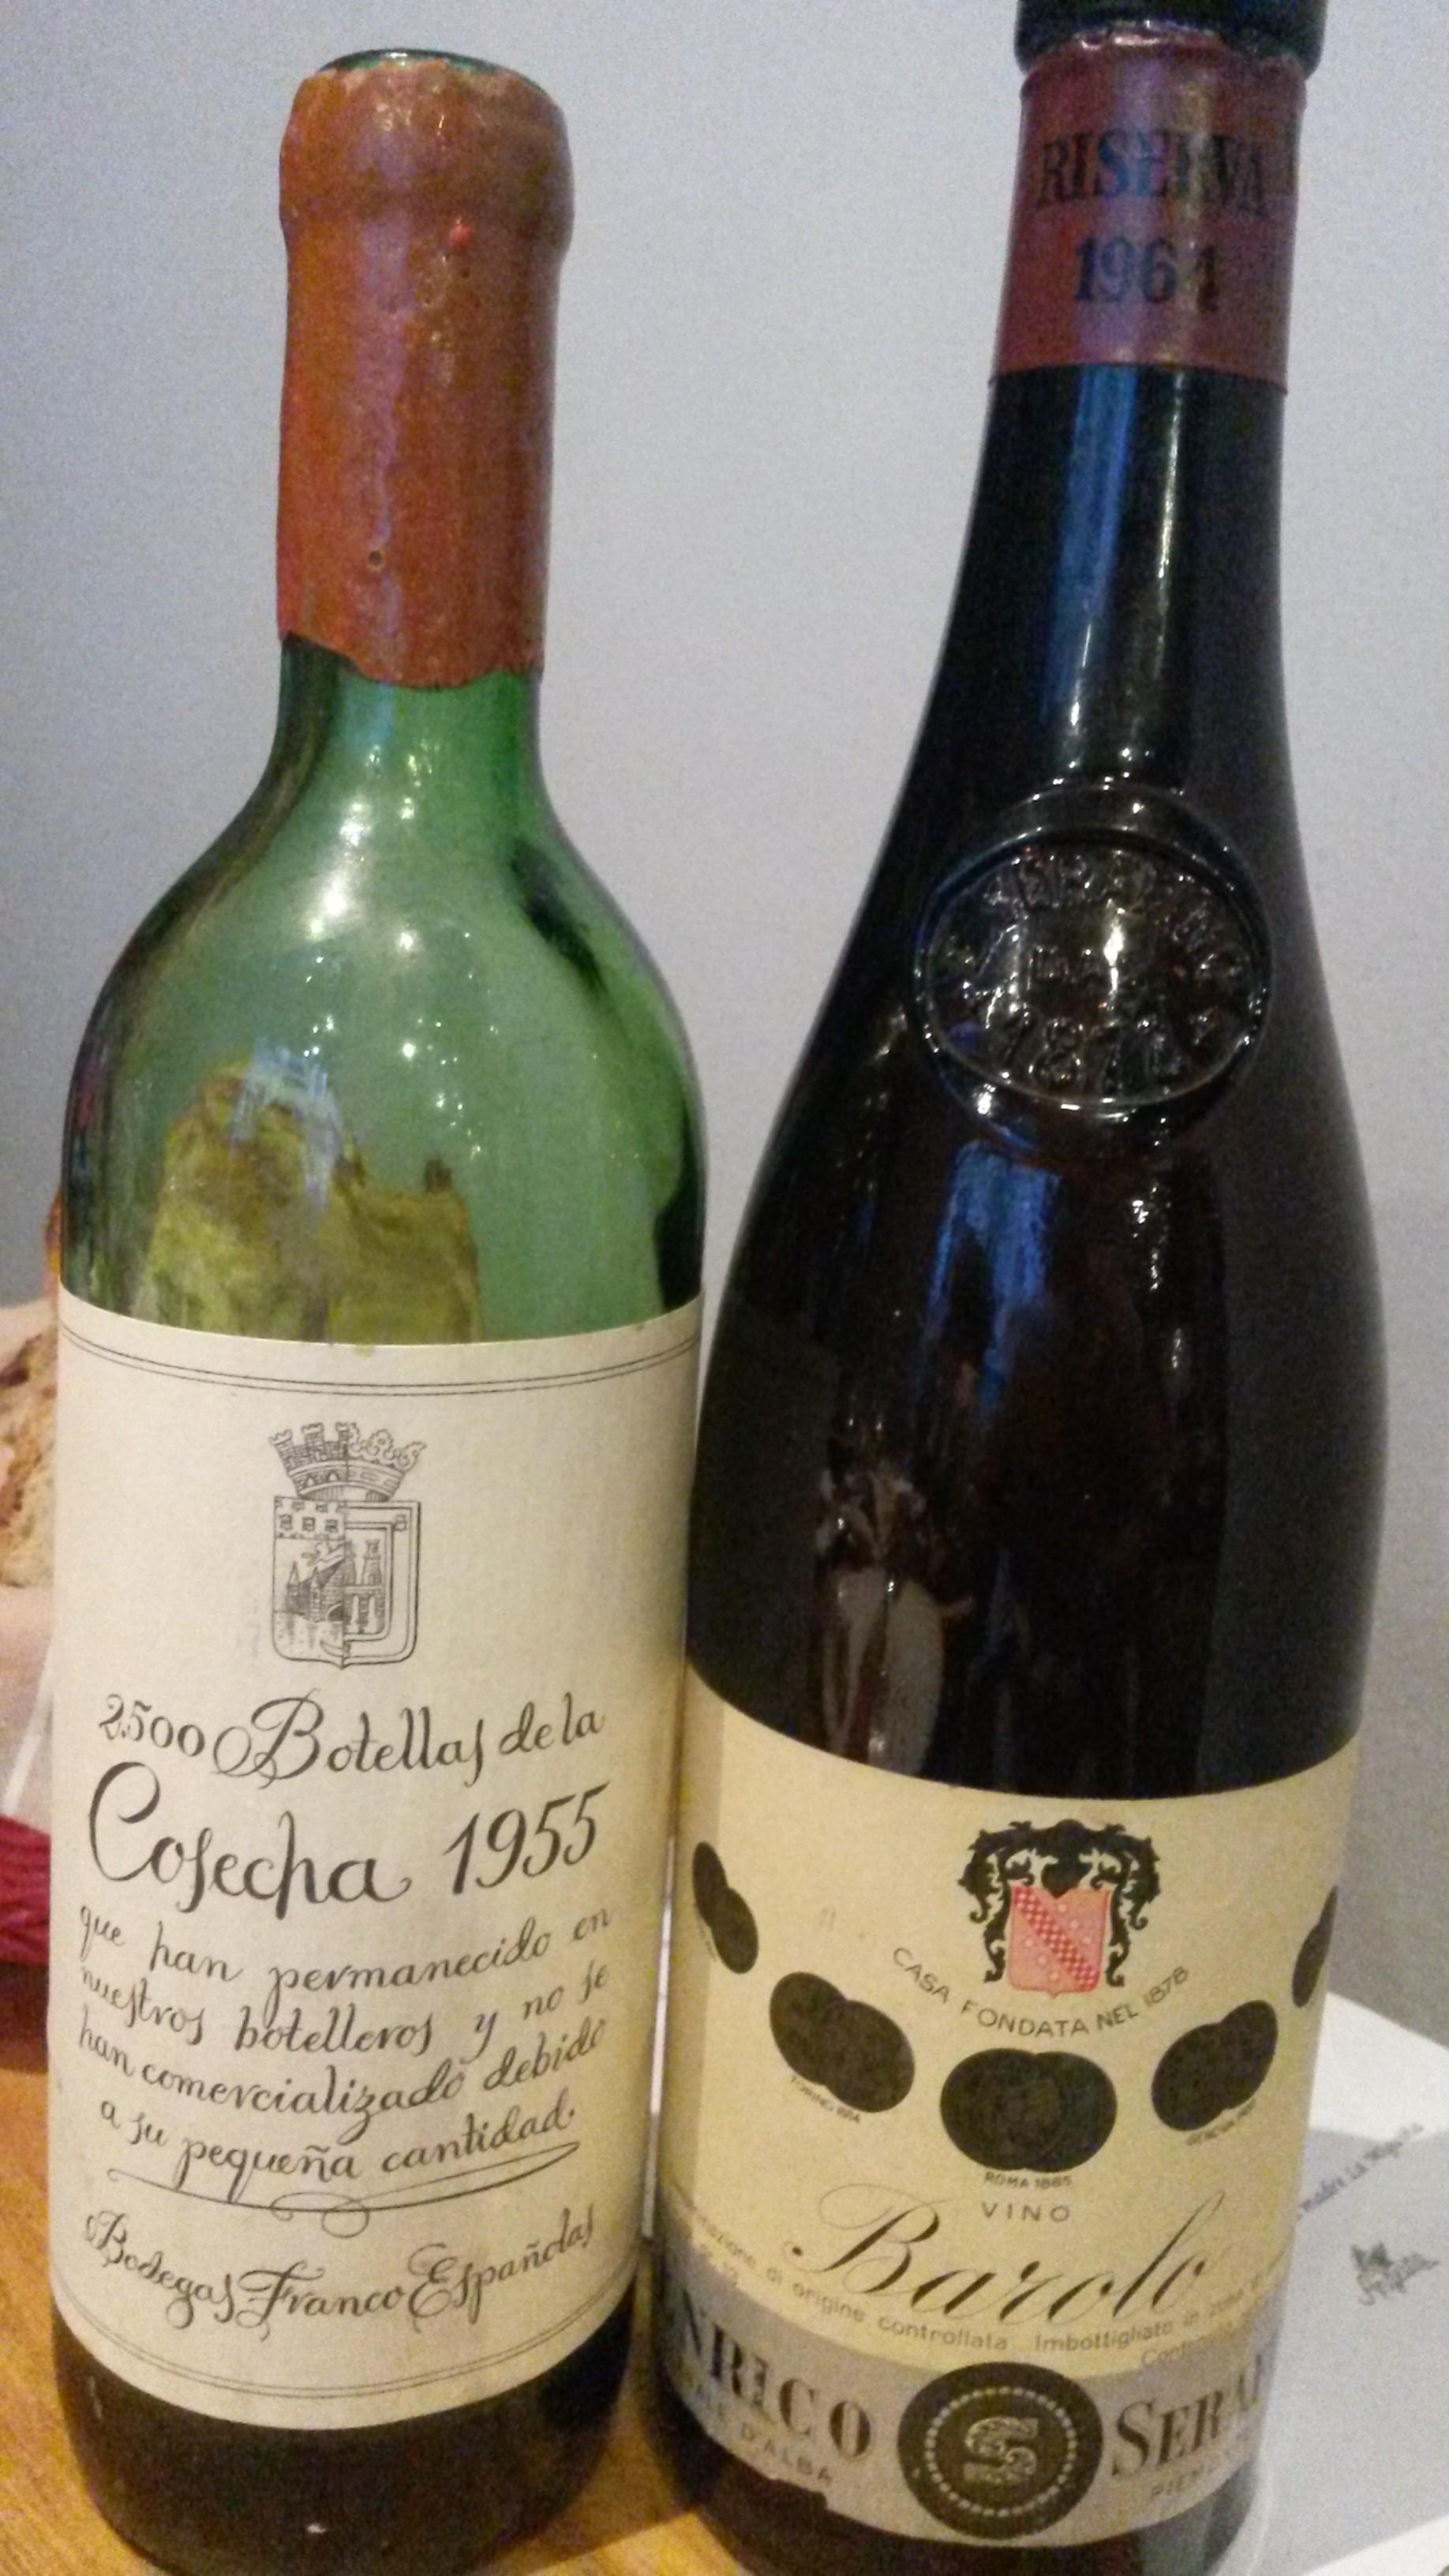 Serafino 1964 y Franco Españolas 1955